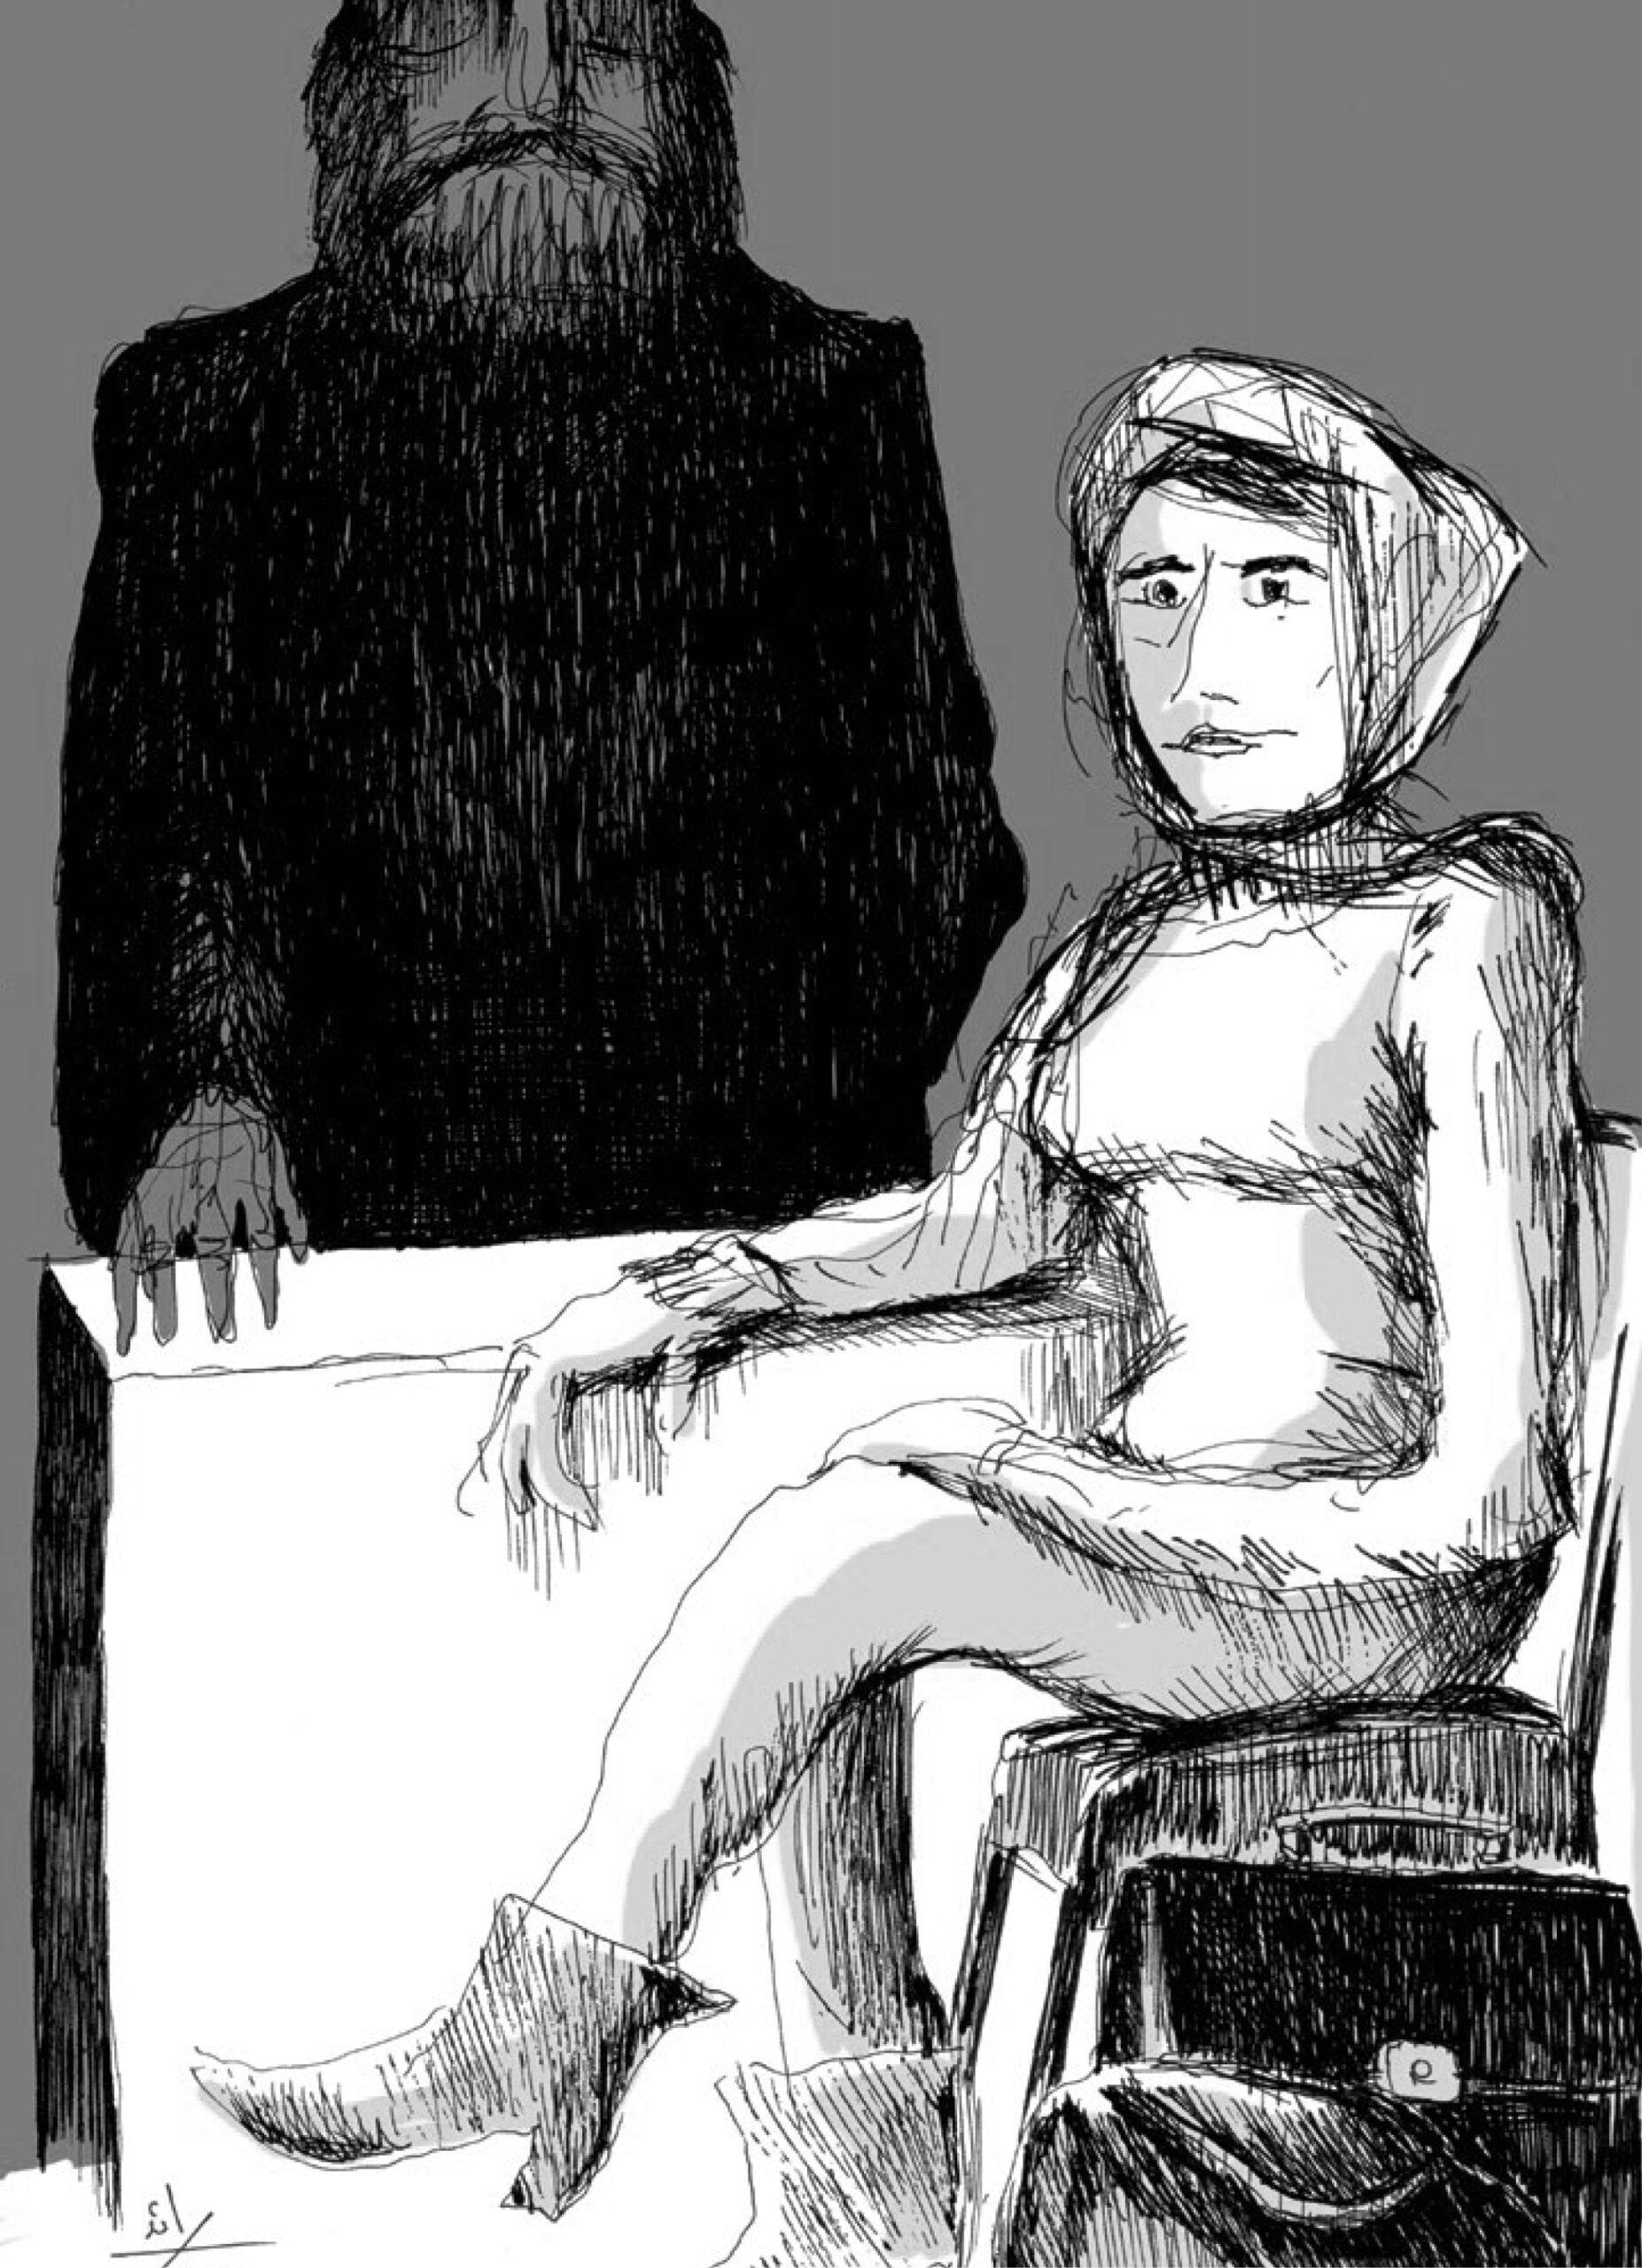 المرأة في موقع القرار الطائفي الدرزي: كيف بدلت مسار حراك تعديل قانون الأحوال الشخصية ونتائجه؟